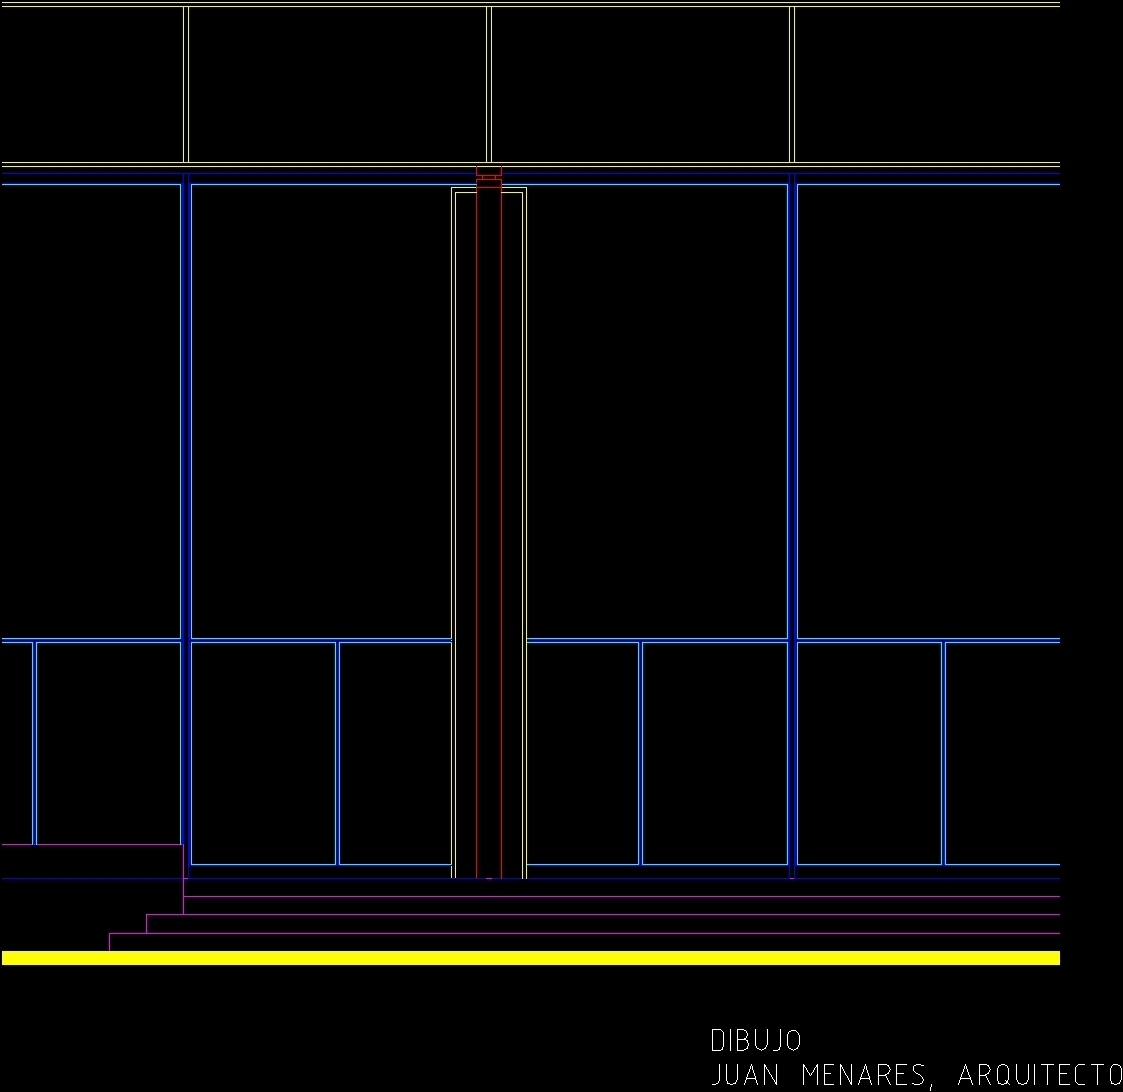 Neve Nationalgalerie Mies Van Der Rohe Dwg Elevation For Autocad  # Muebles Mies Van Der Rohe Autocad